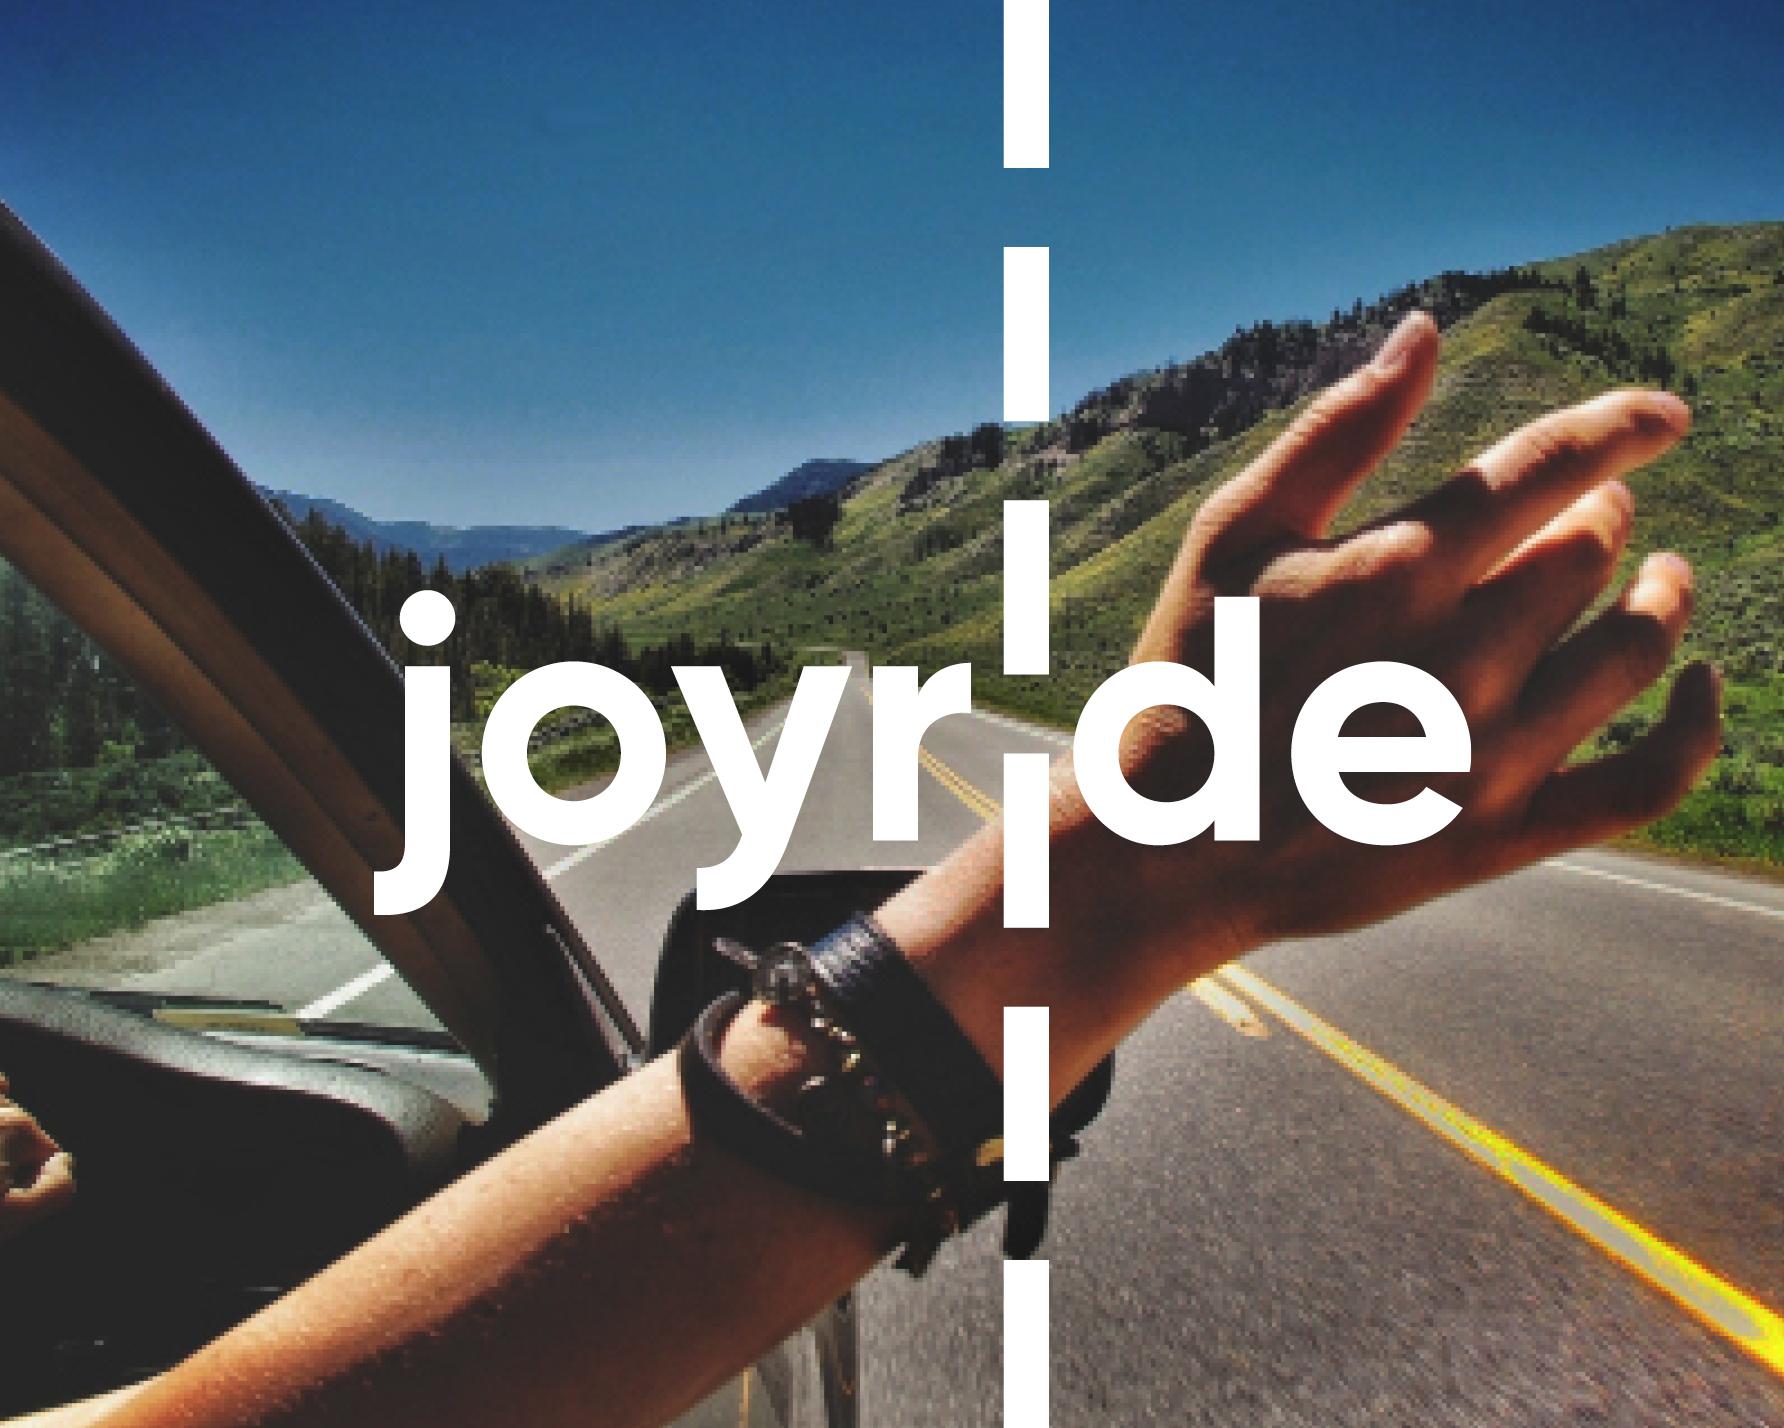 Joyride Assets2.jpg